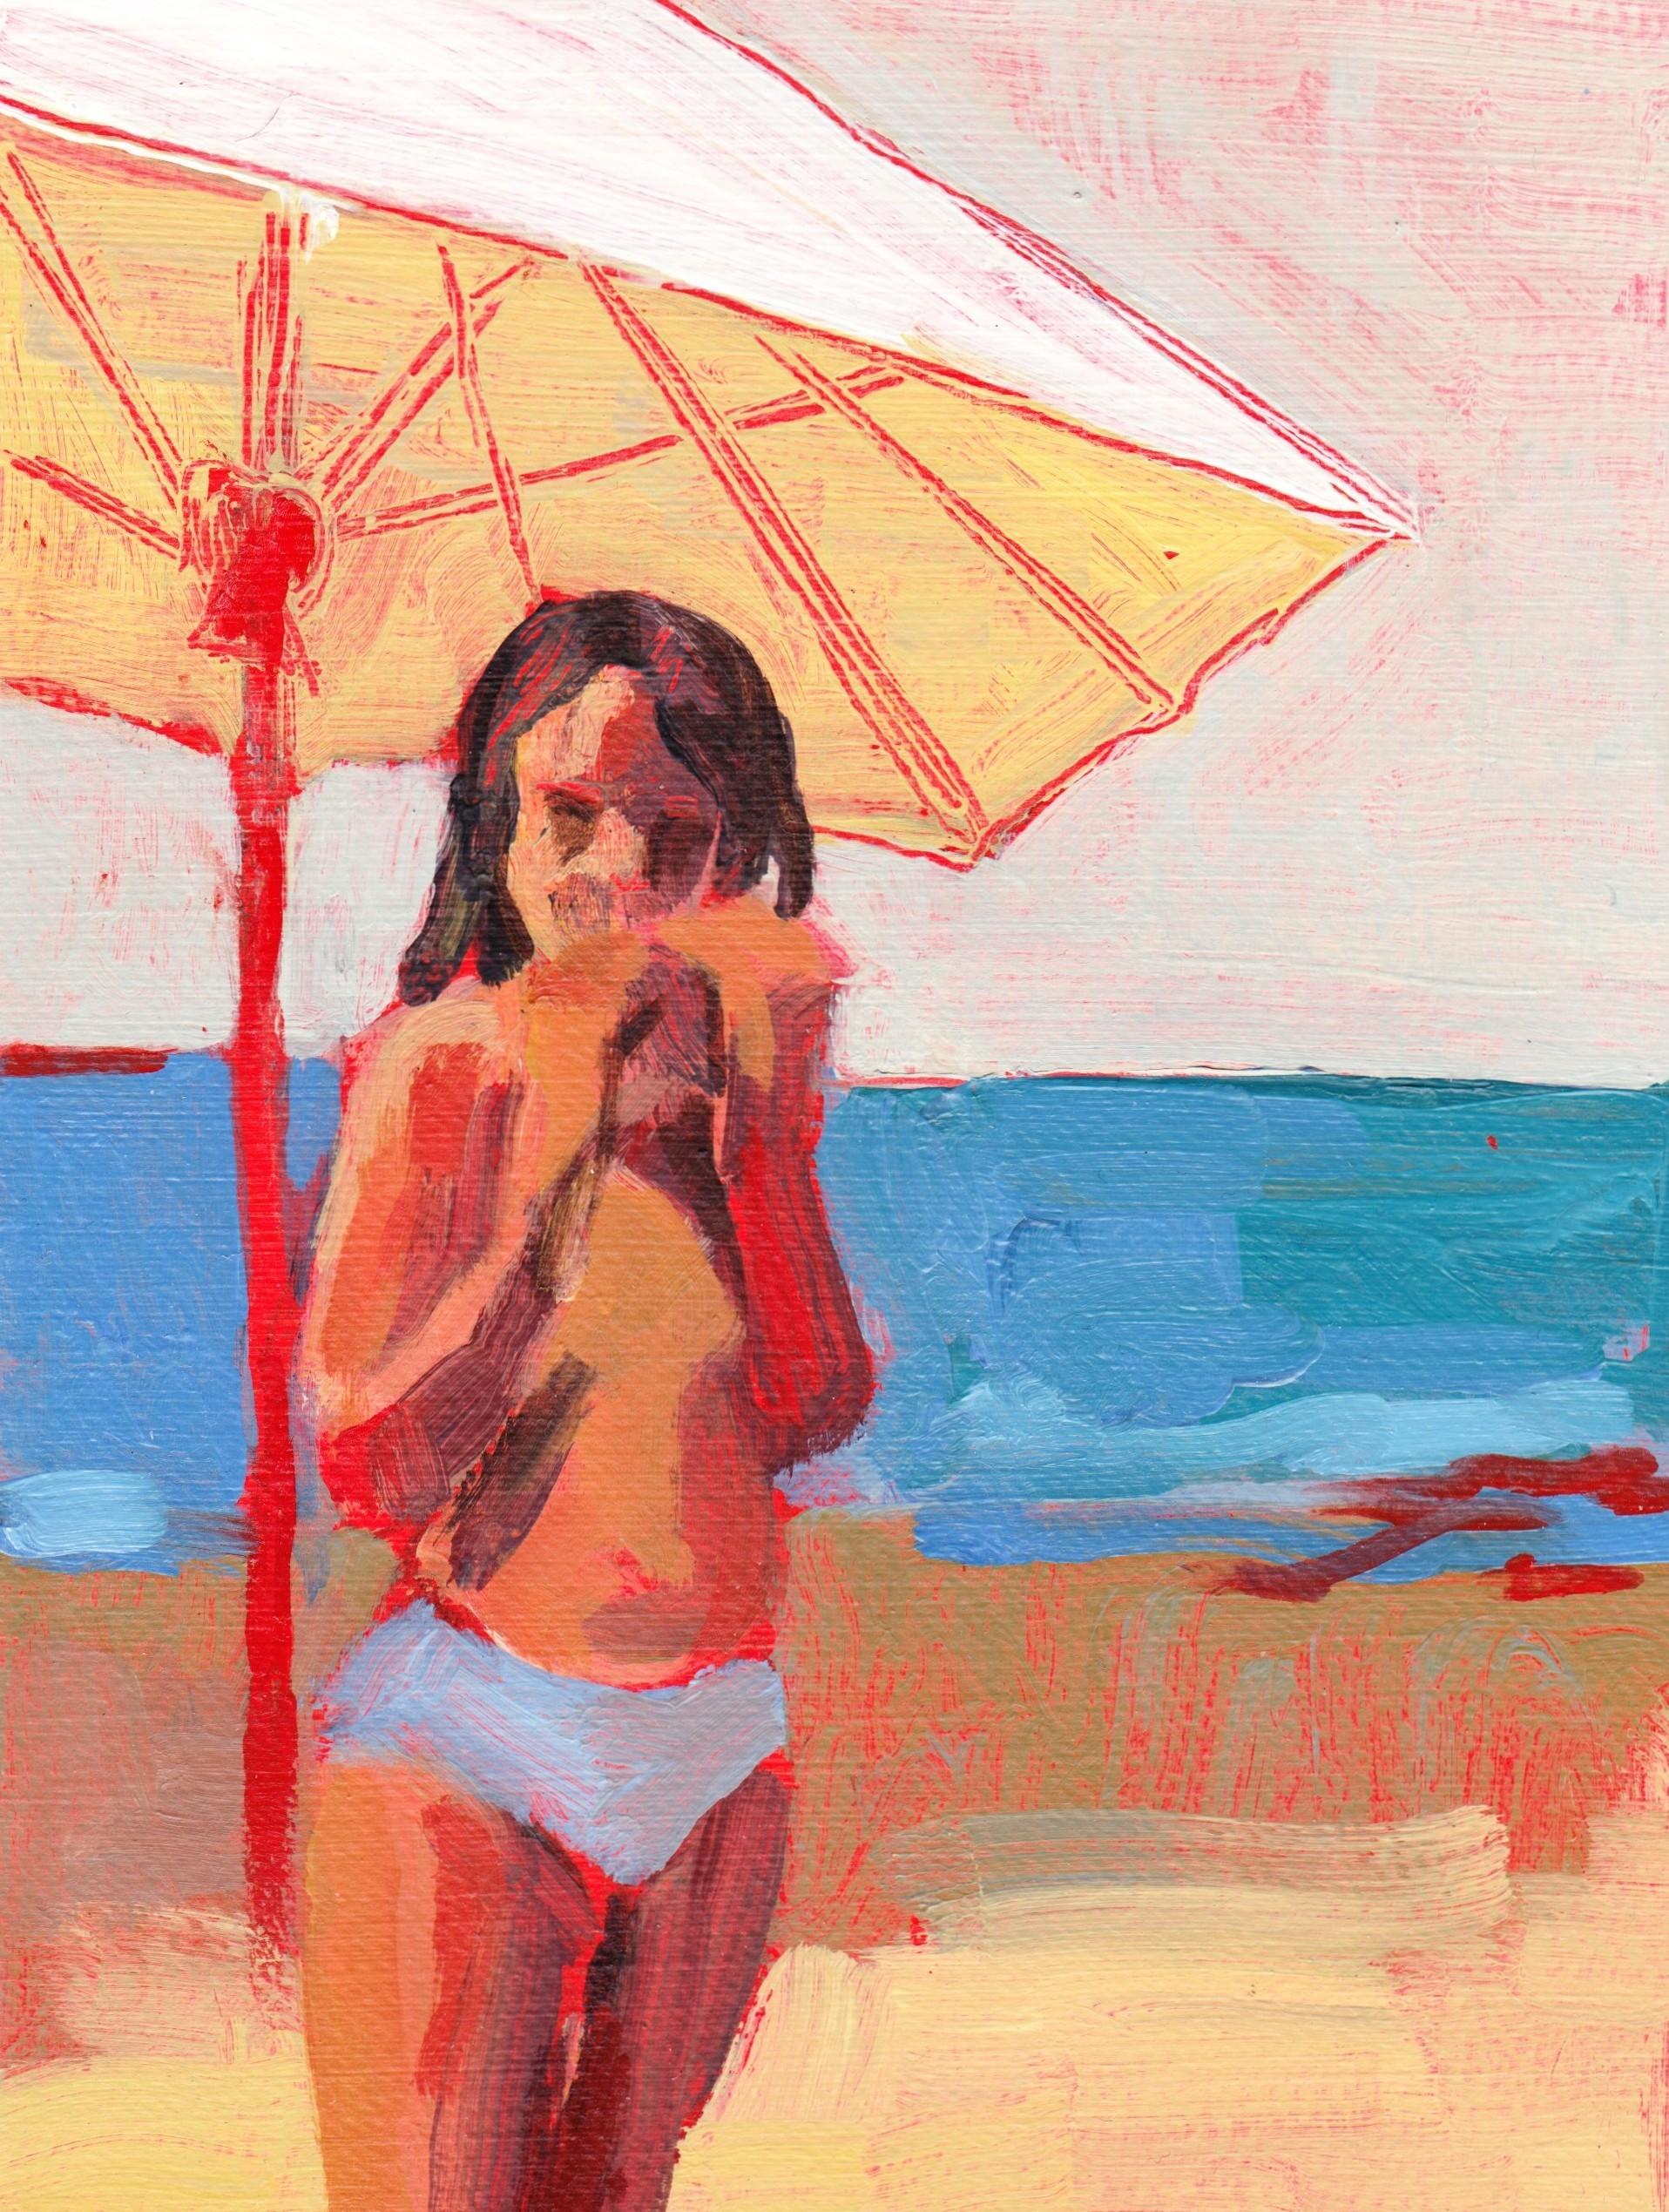 Série Plage - Fille au parasol - Alexandra Chauchereau - KAZoART